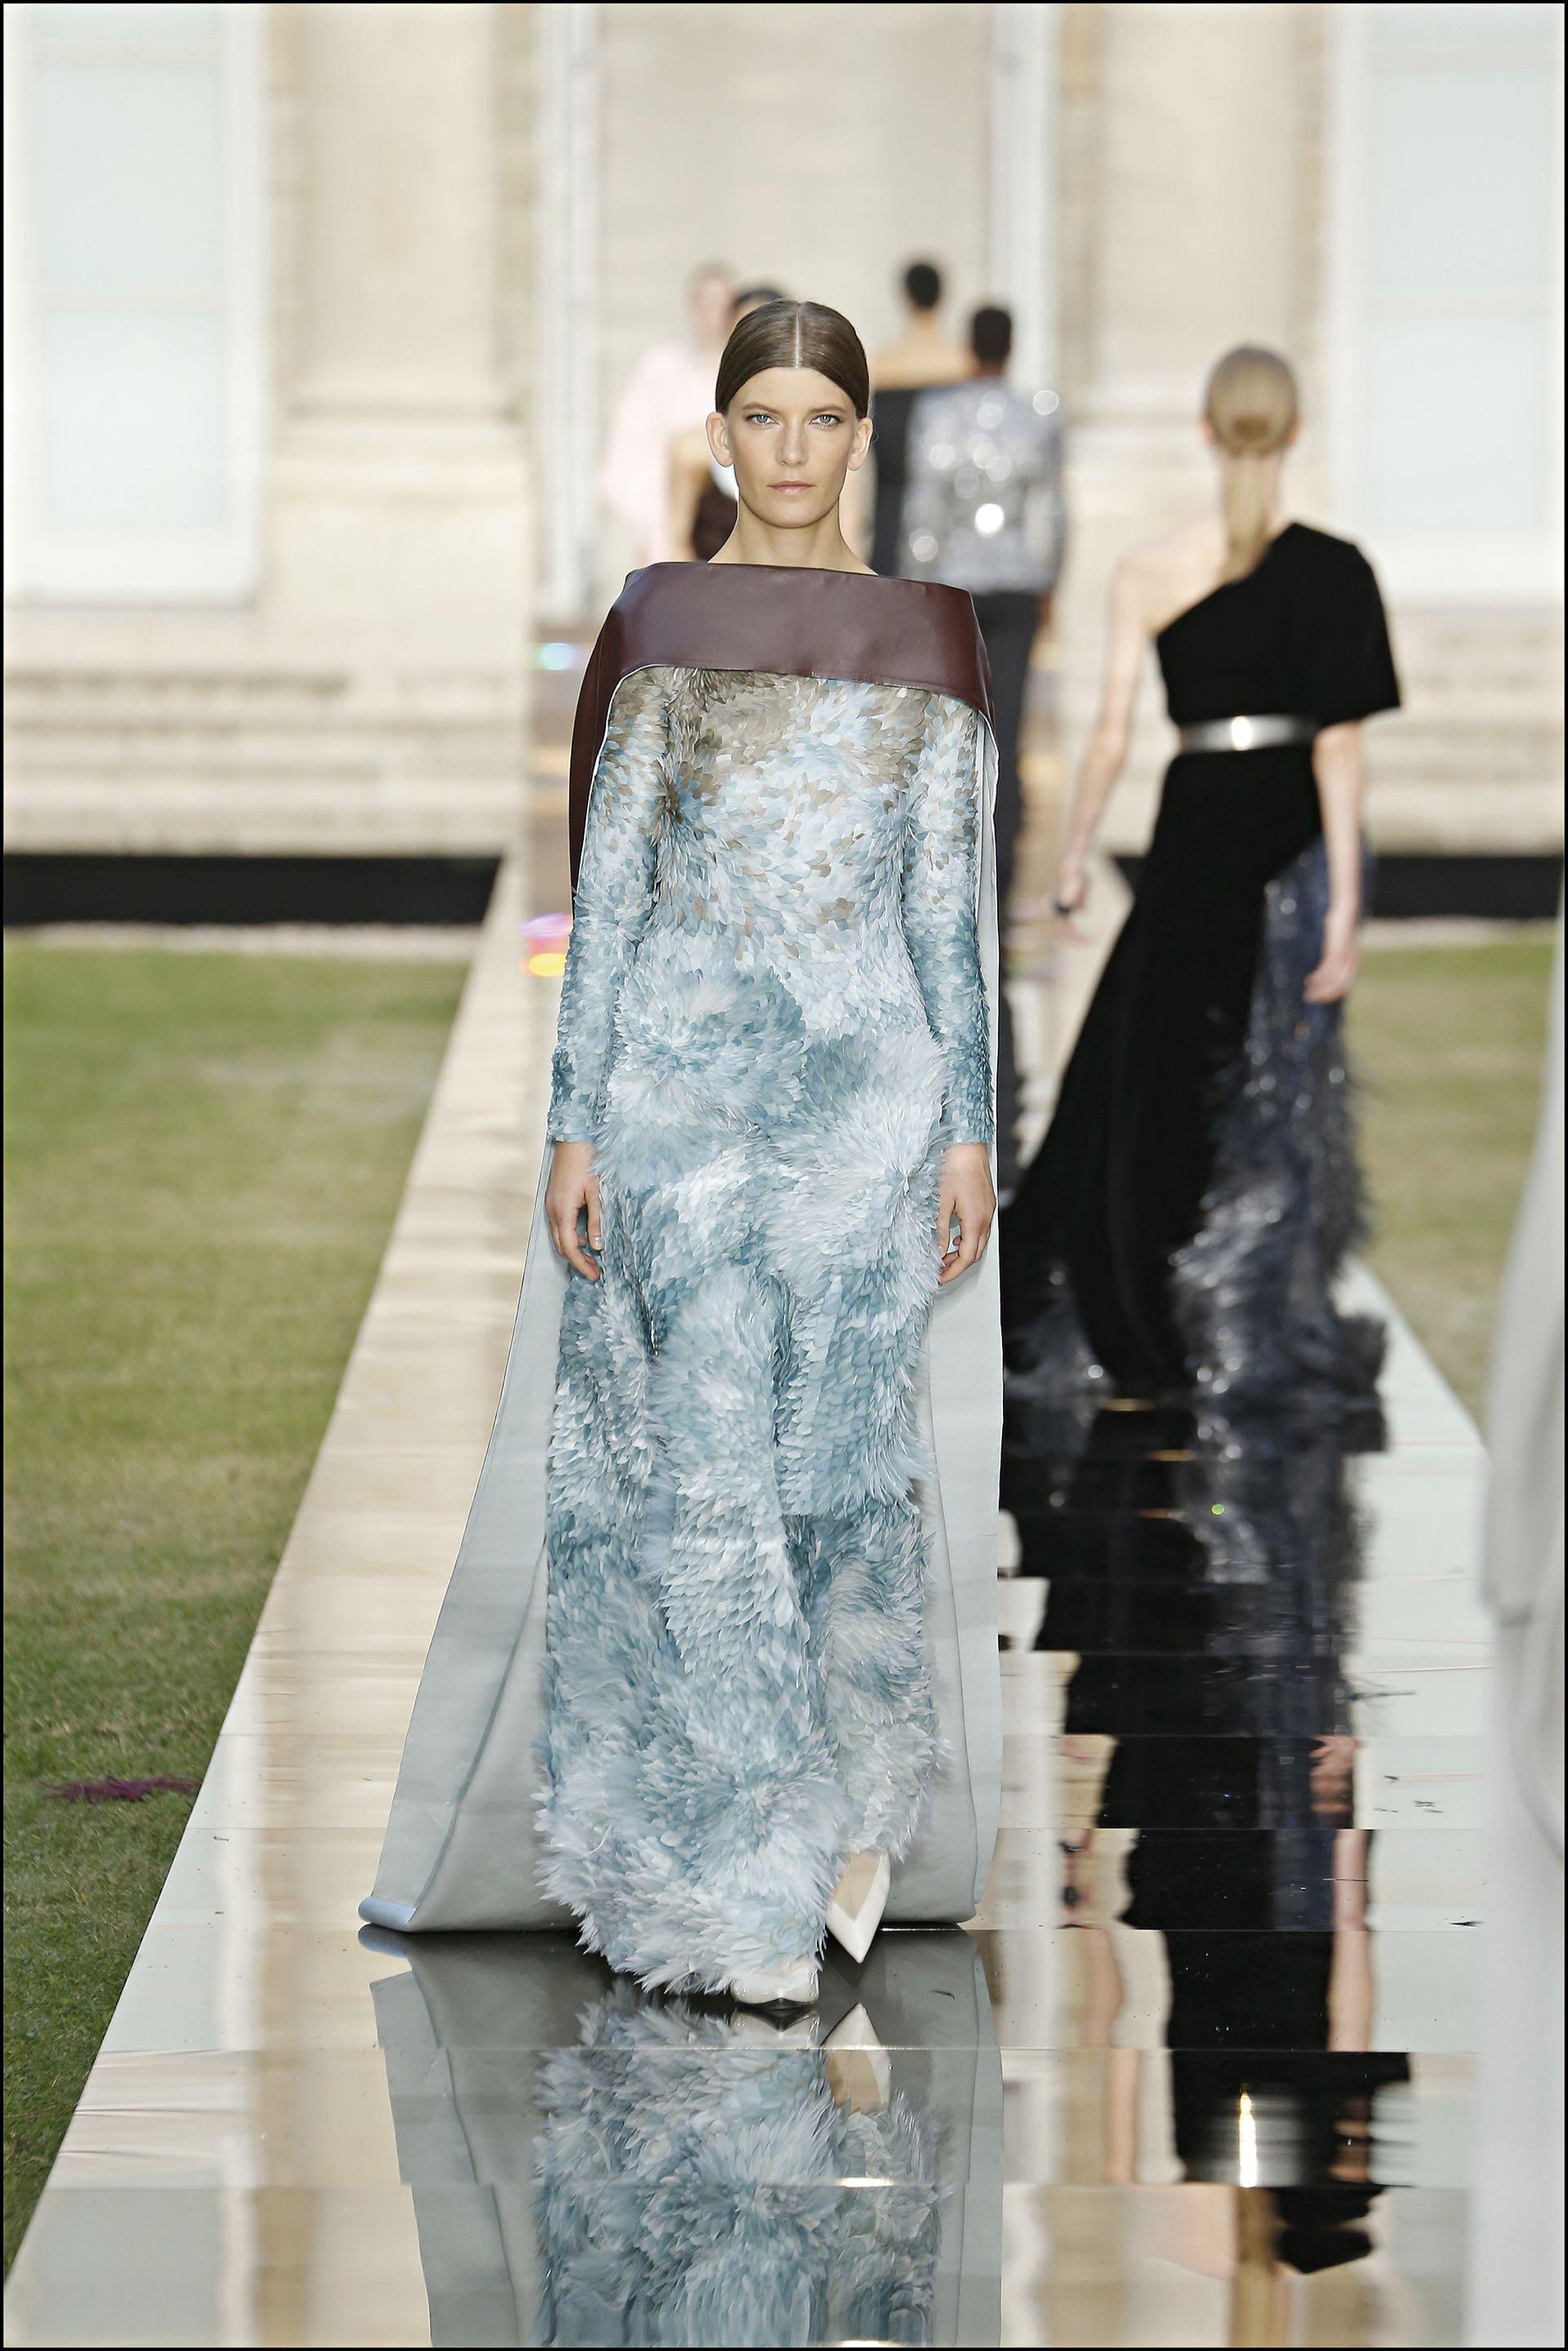 El minimalismo out y arriba de la pasarela plumas, lentejuelas y alhajas sobre las prendas.